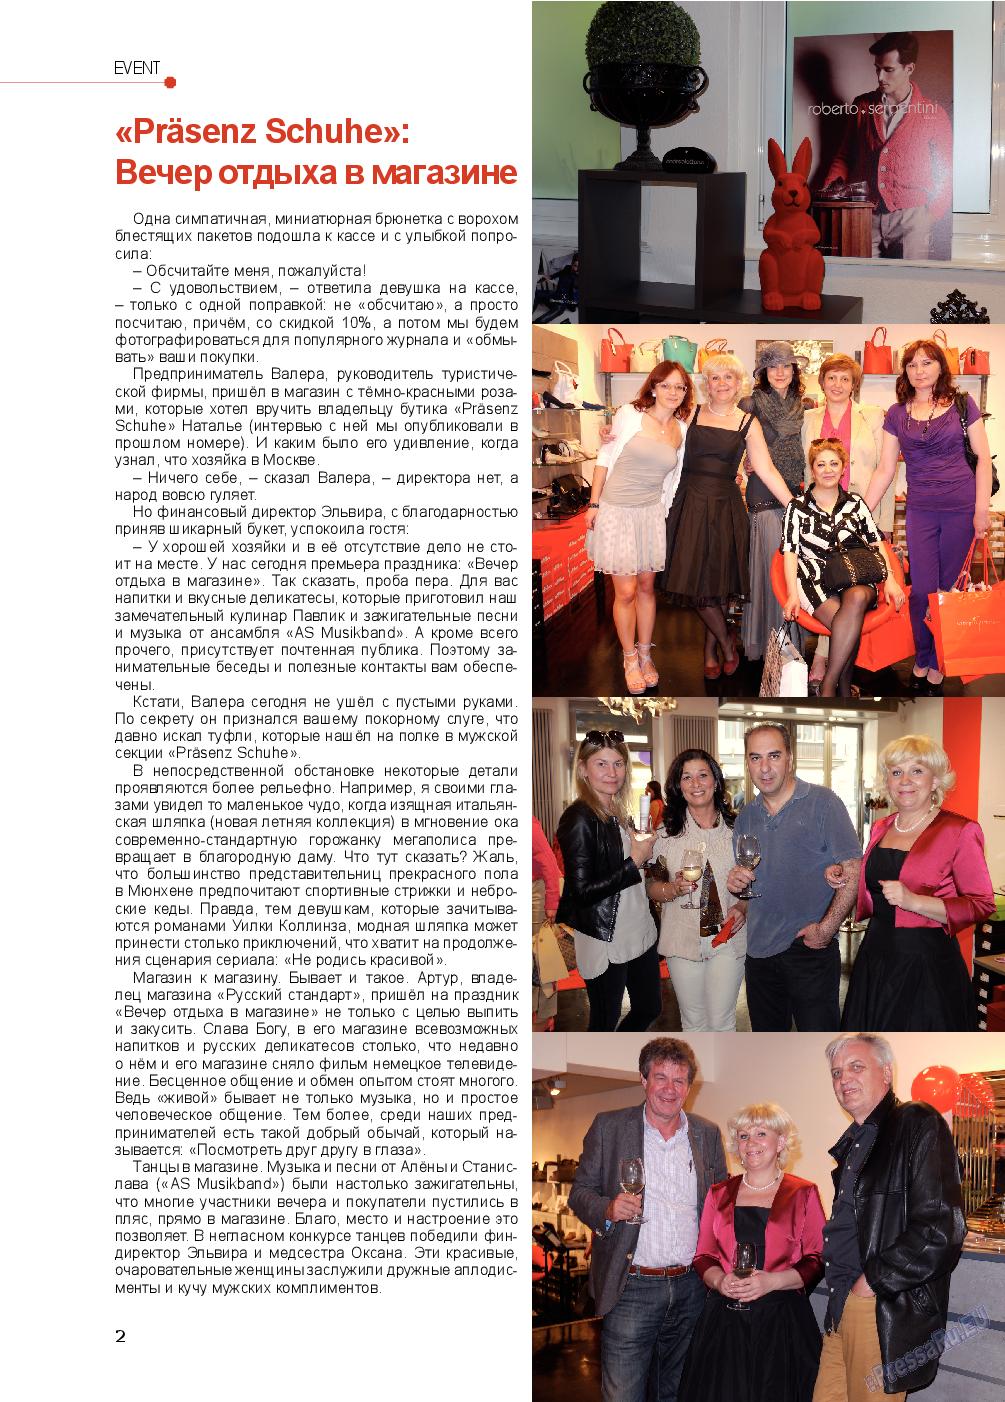 Мюнхен-сити (журнал). 2014 год, номер 6, стр. 2